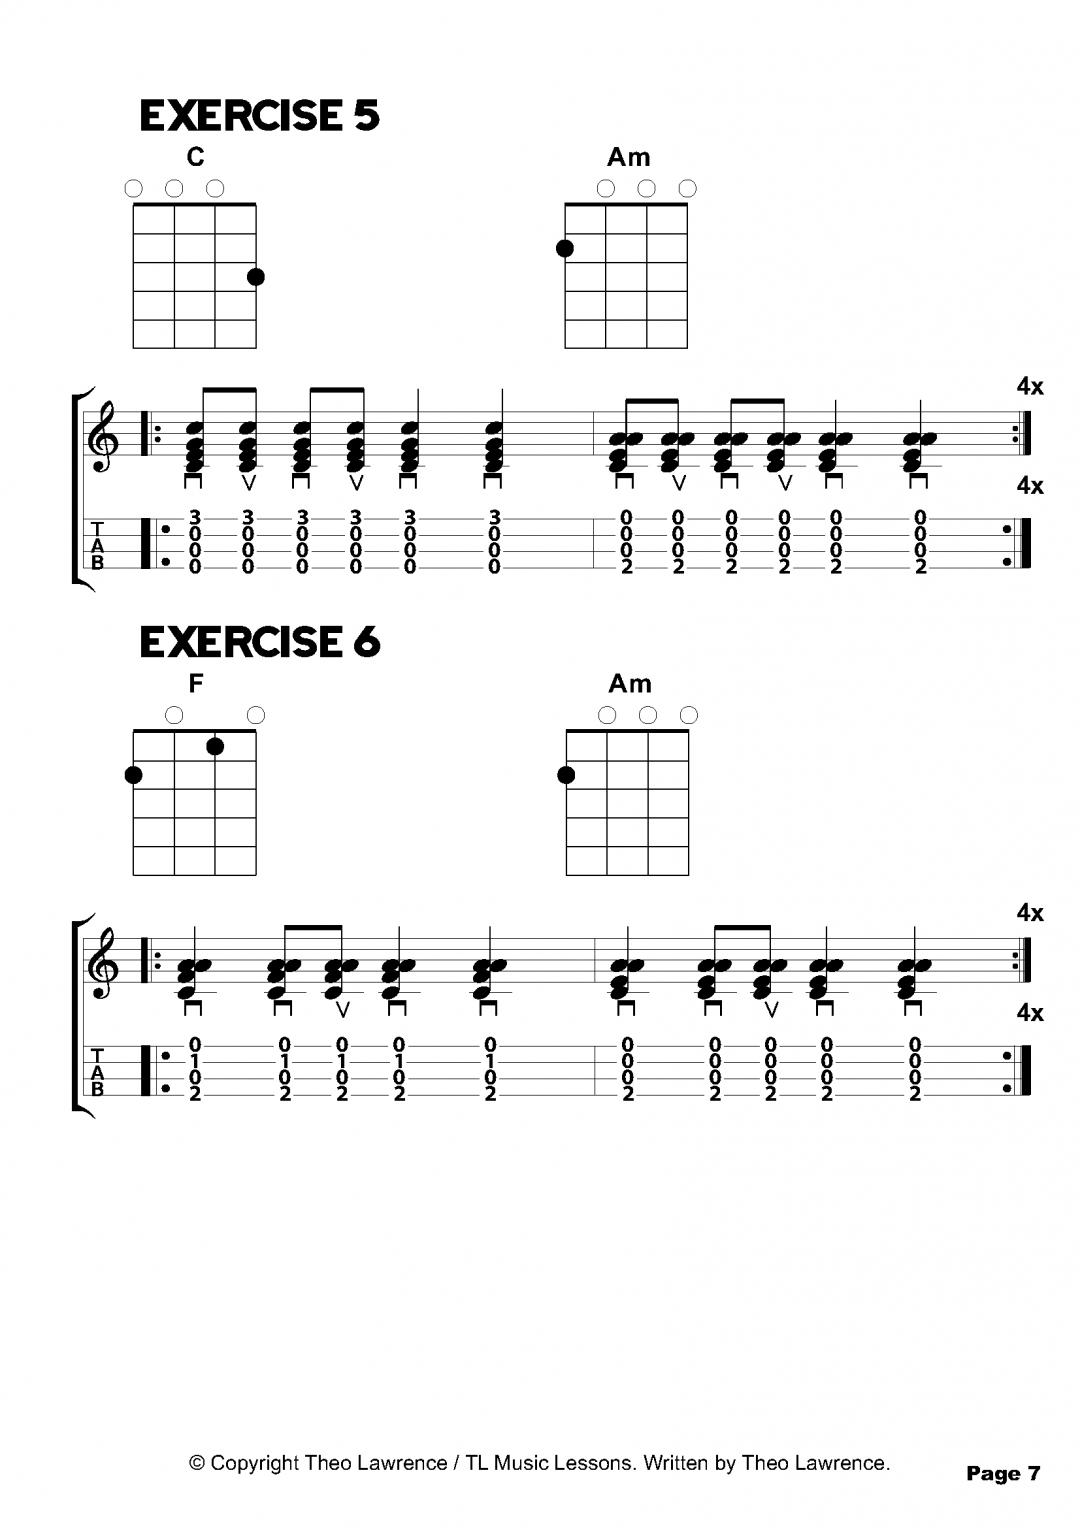 Beginners Ukulele Chord Exercises 5-6 of 50